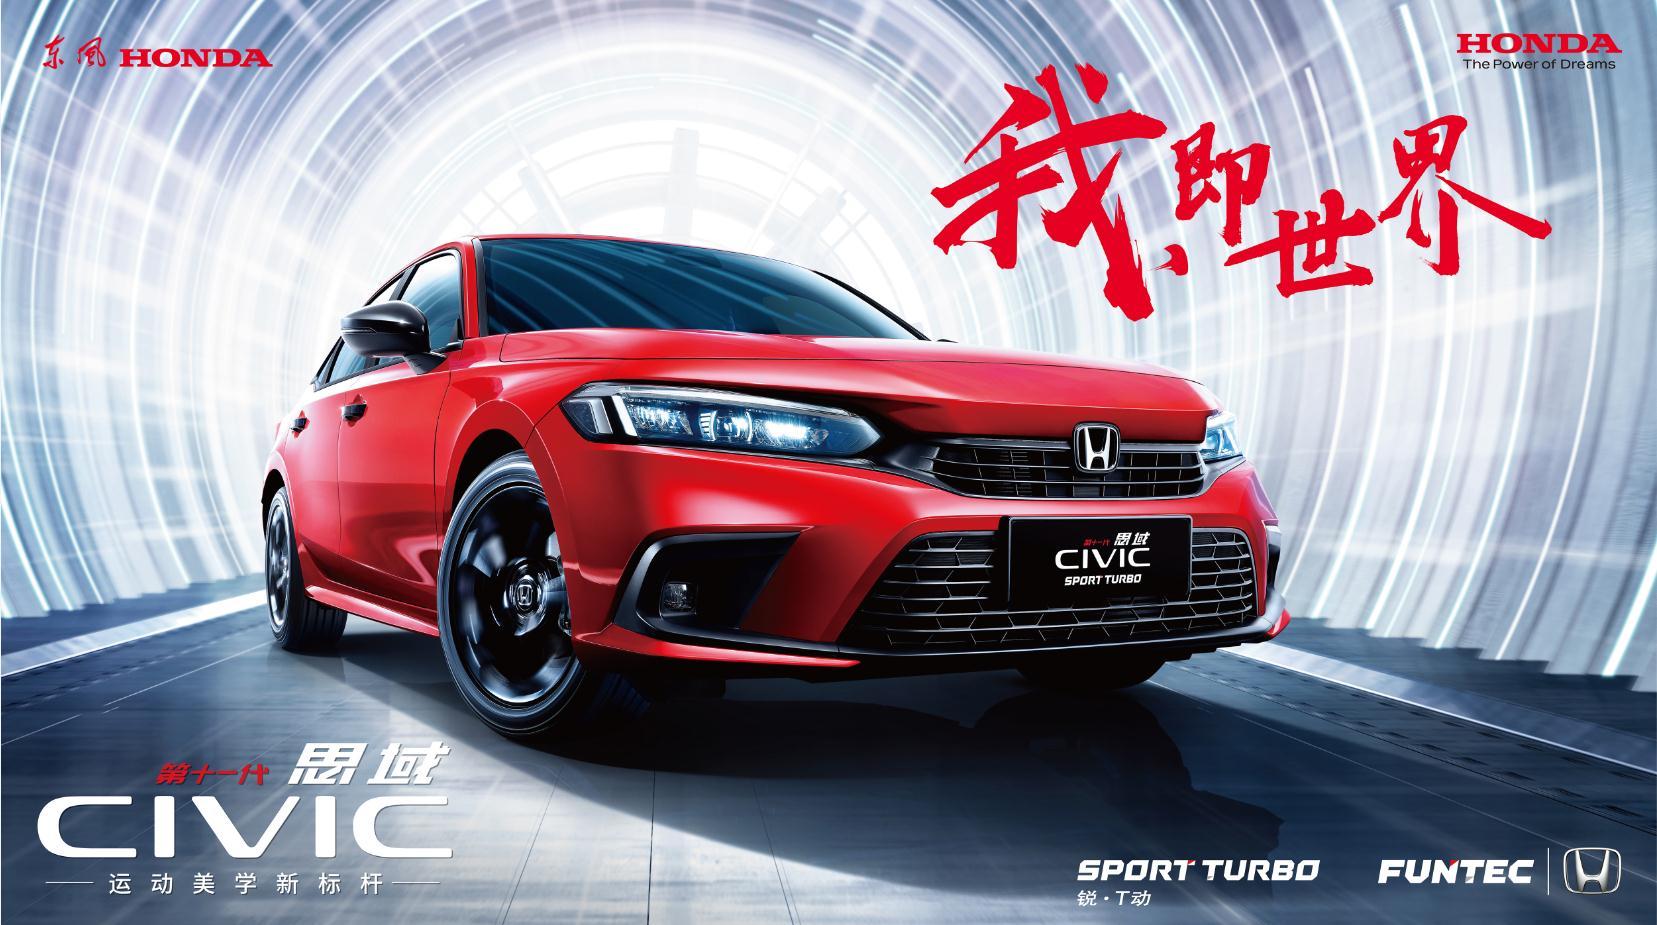 东风Honda第十一代思域郑州区域正式上市.jpg